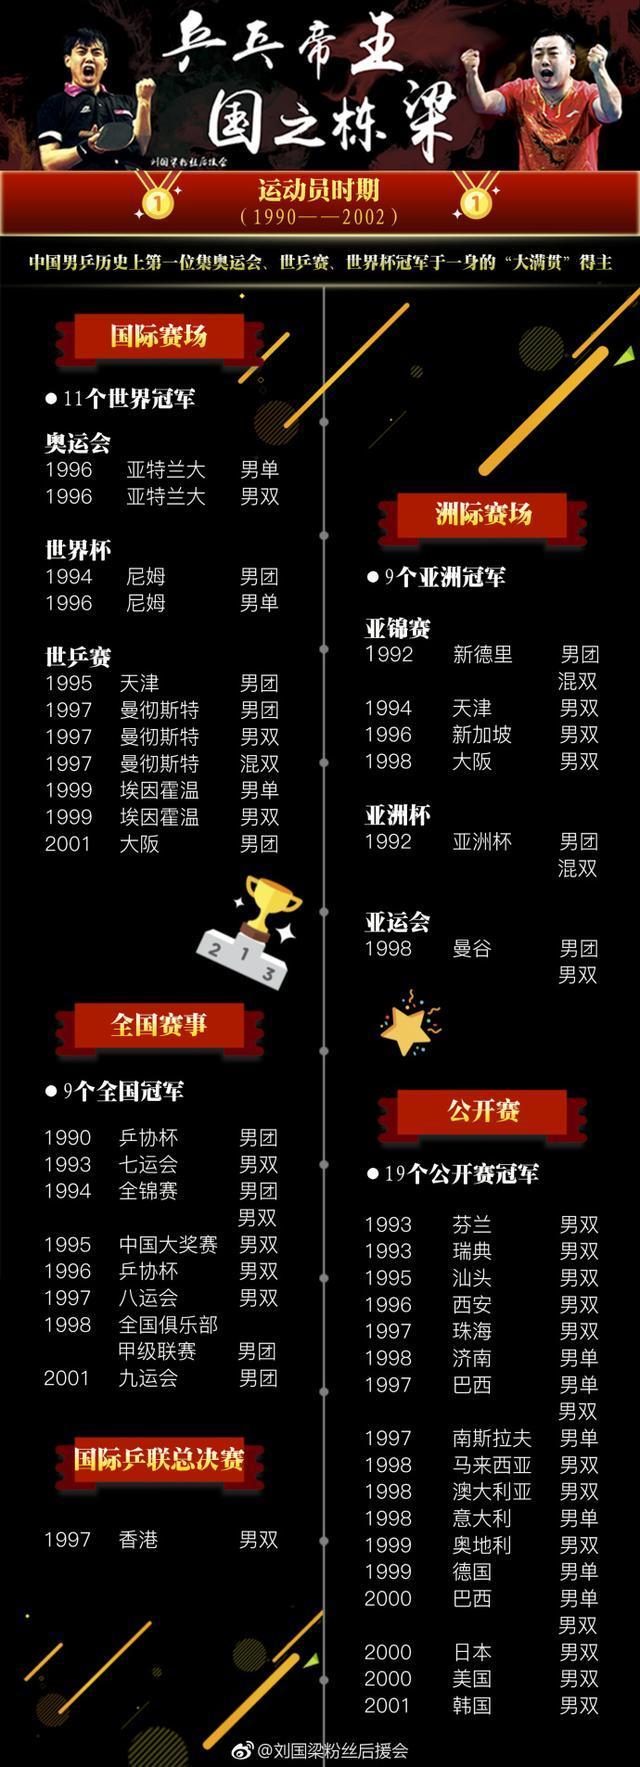 三图看懂刘国梁的强大 成就汇总图:奥运9金造国乒无敌14年